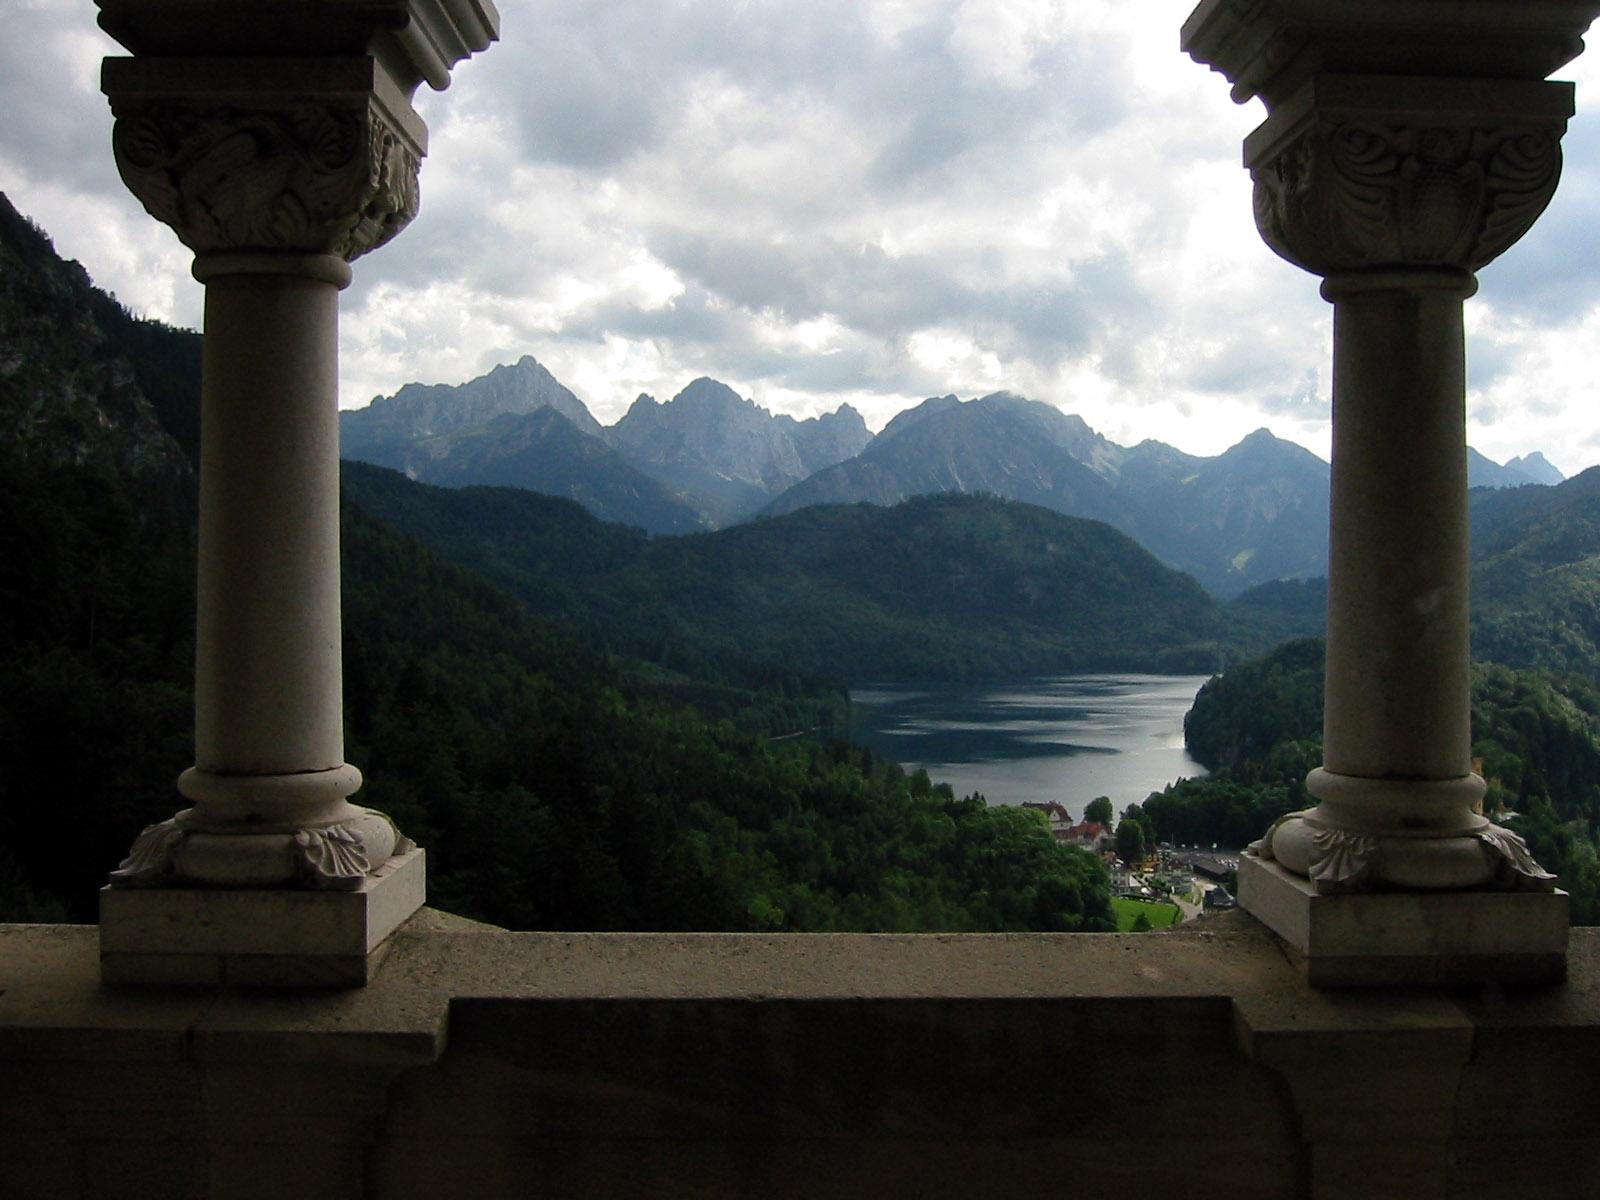 alps through columns